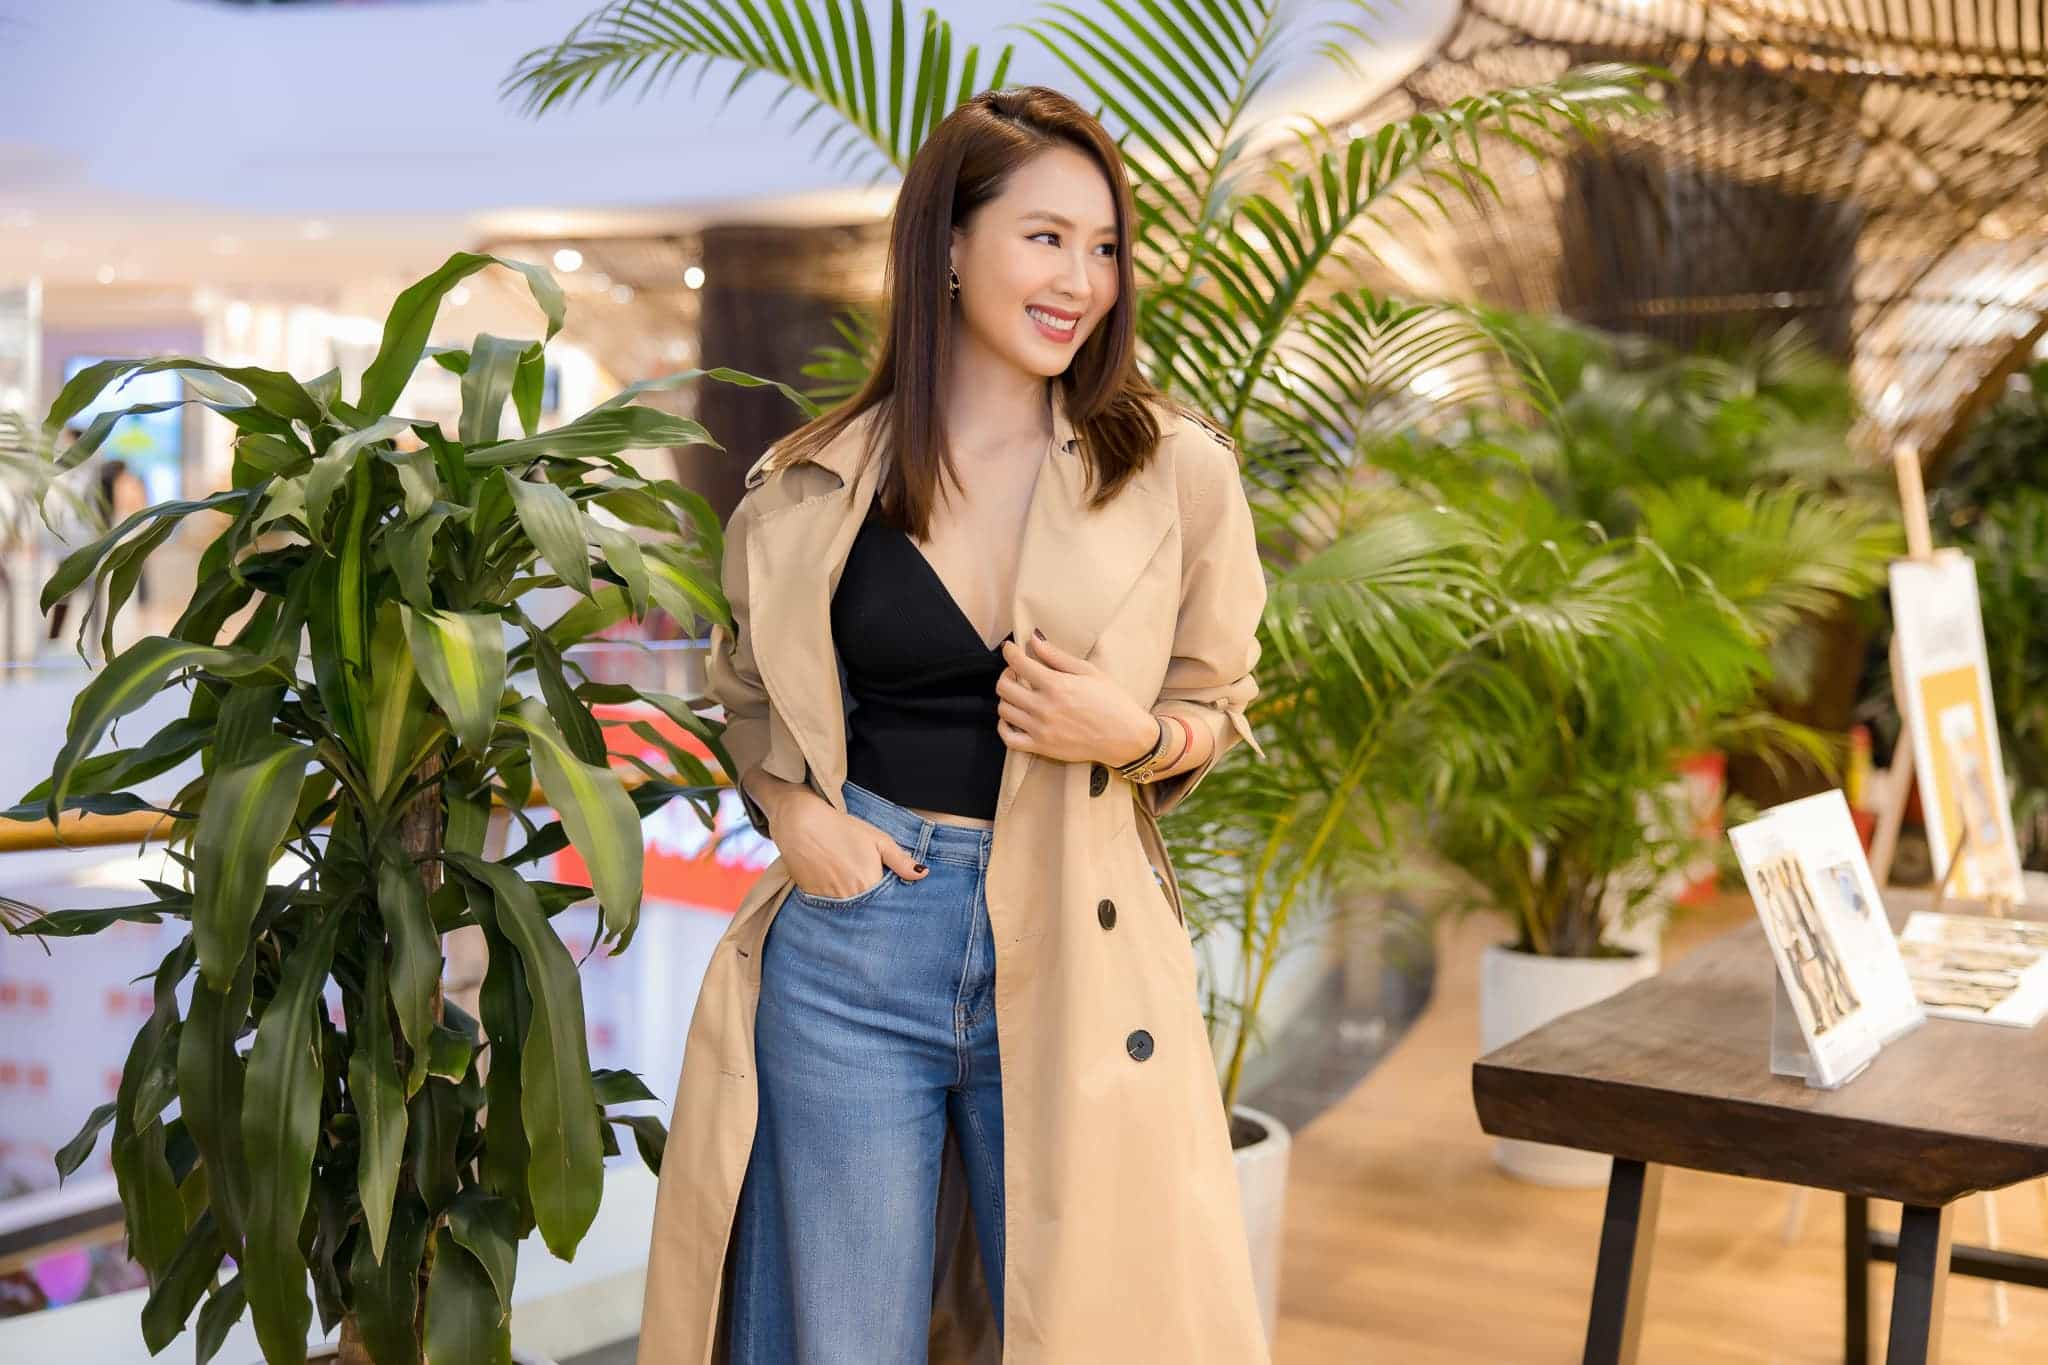 Hồng Diễm hoá thân nàng công chúa tuổi U40, không váy đầm bồng bềnh vẫn đẹp vượt mặt đàn em - 11